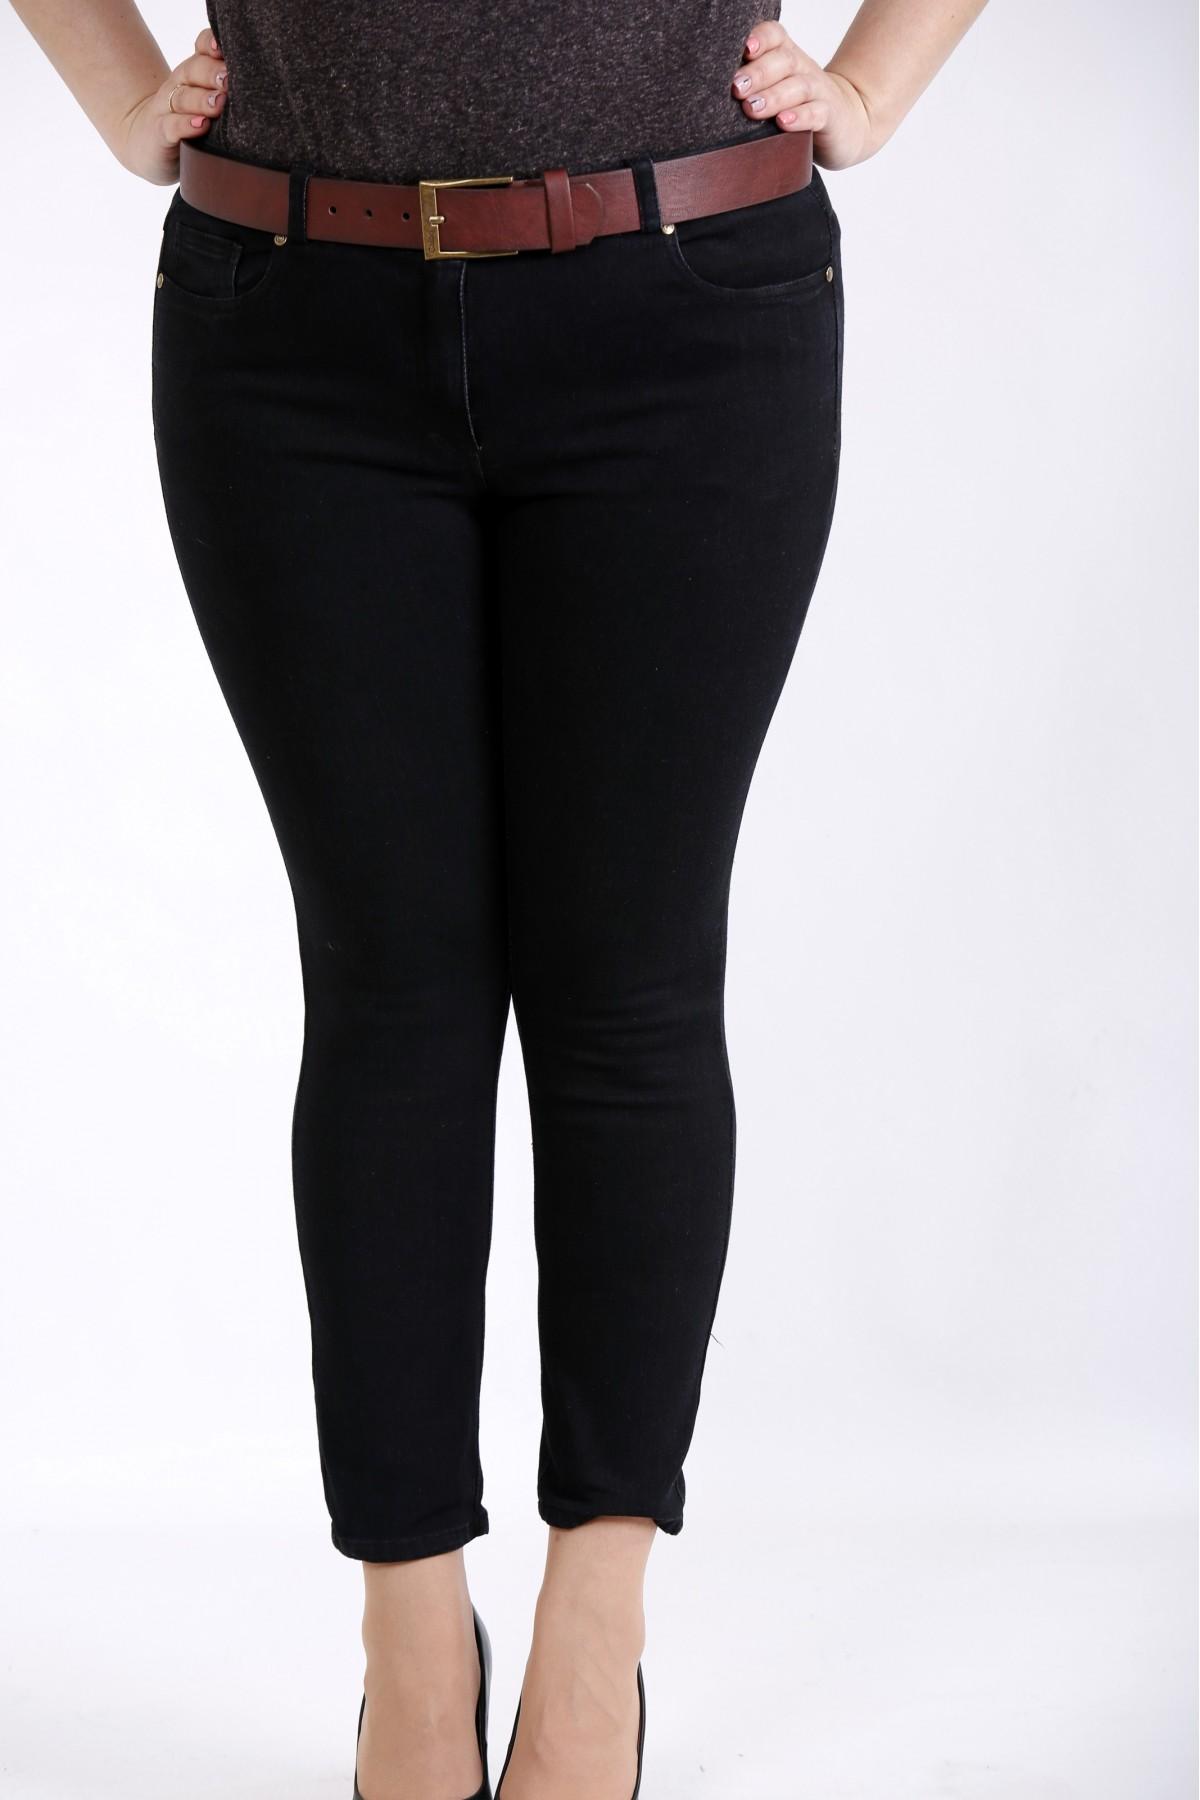 j043-3   Черные стрейчевые джинсы (без ремня)